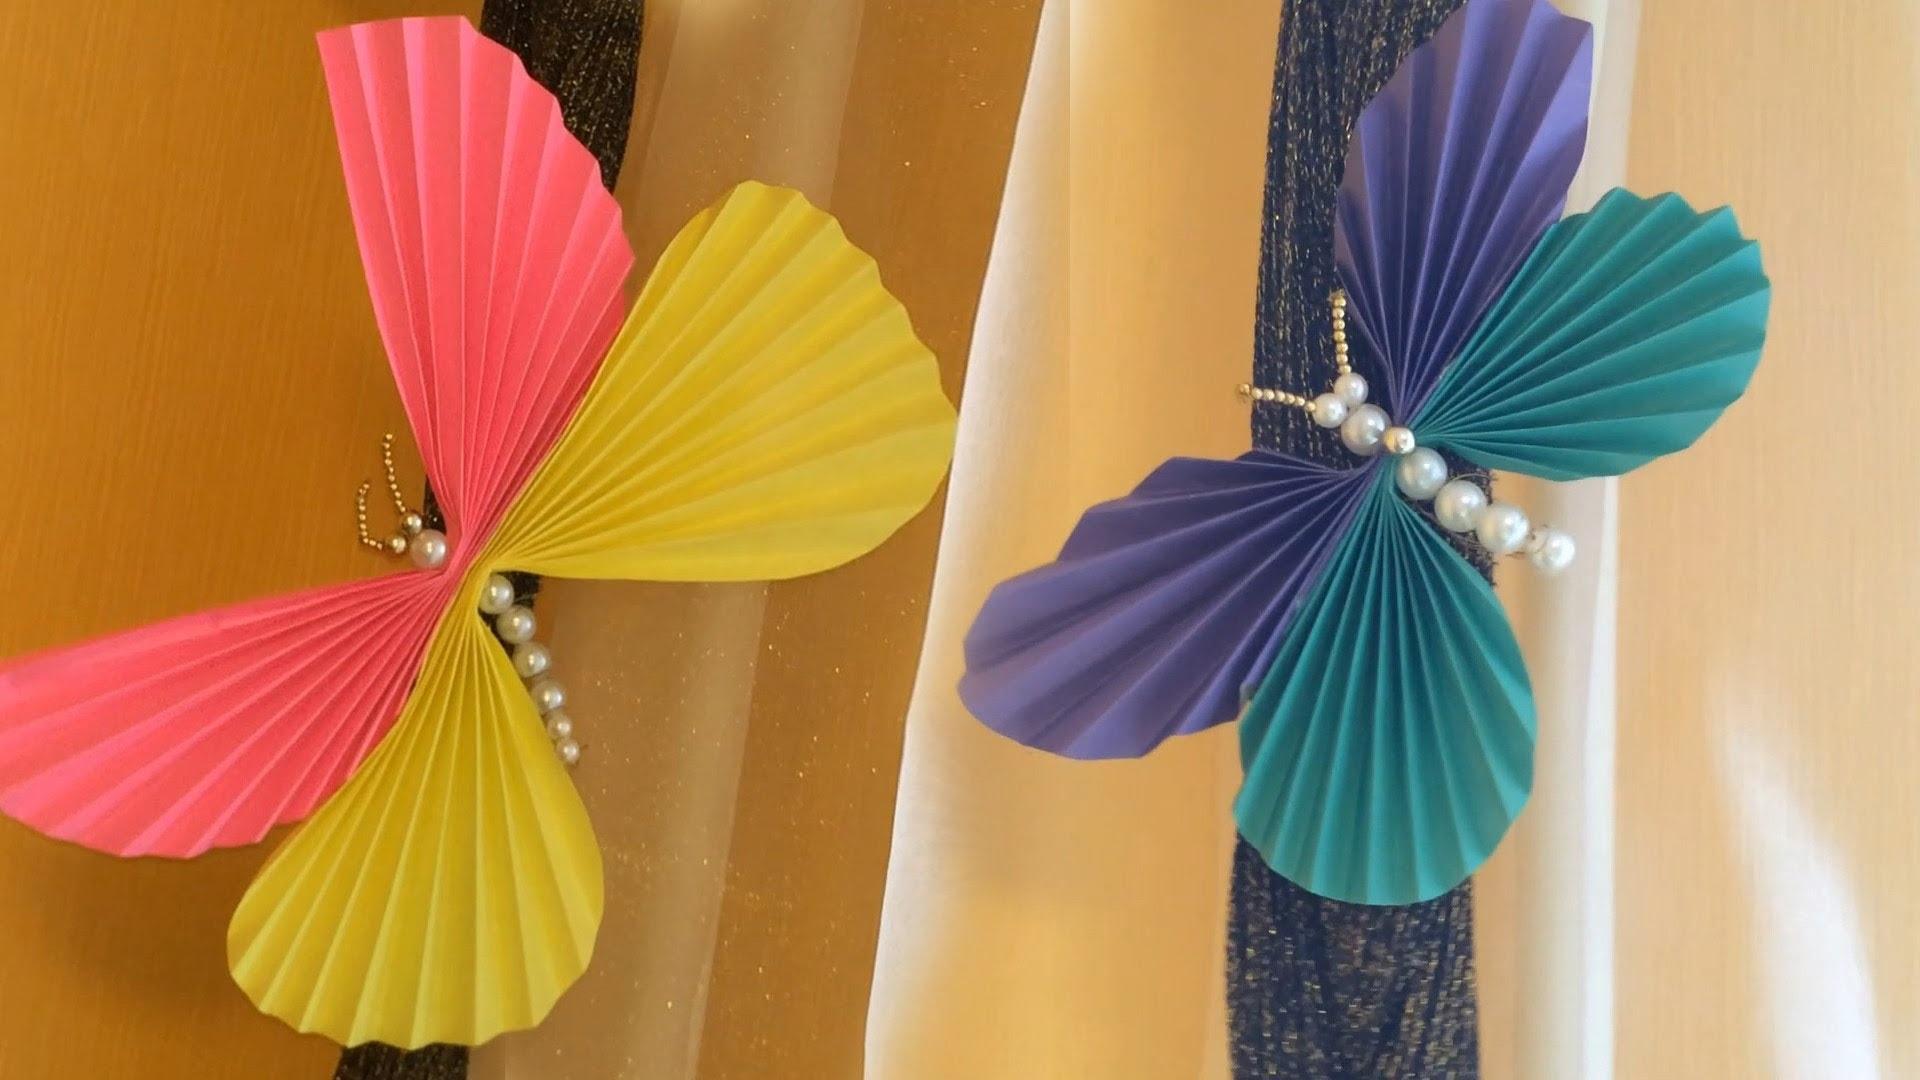 """Бабочки своими руками / Поделки из бумаги и бисера - YouTube - карточка от пользователя Orbb """"Vert1go"""" Stone в Яндекс.Коллекциях"""